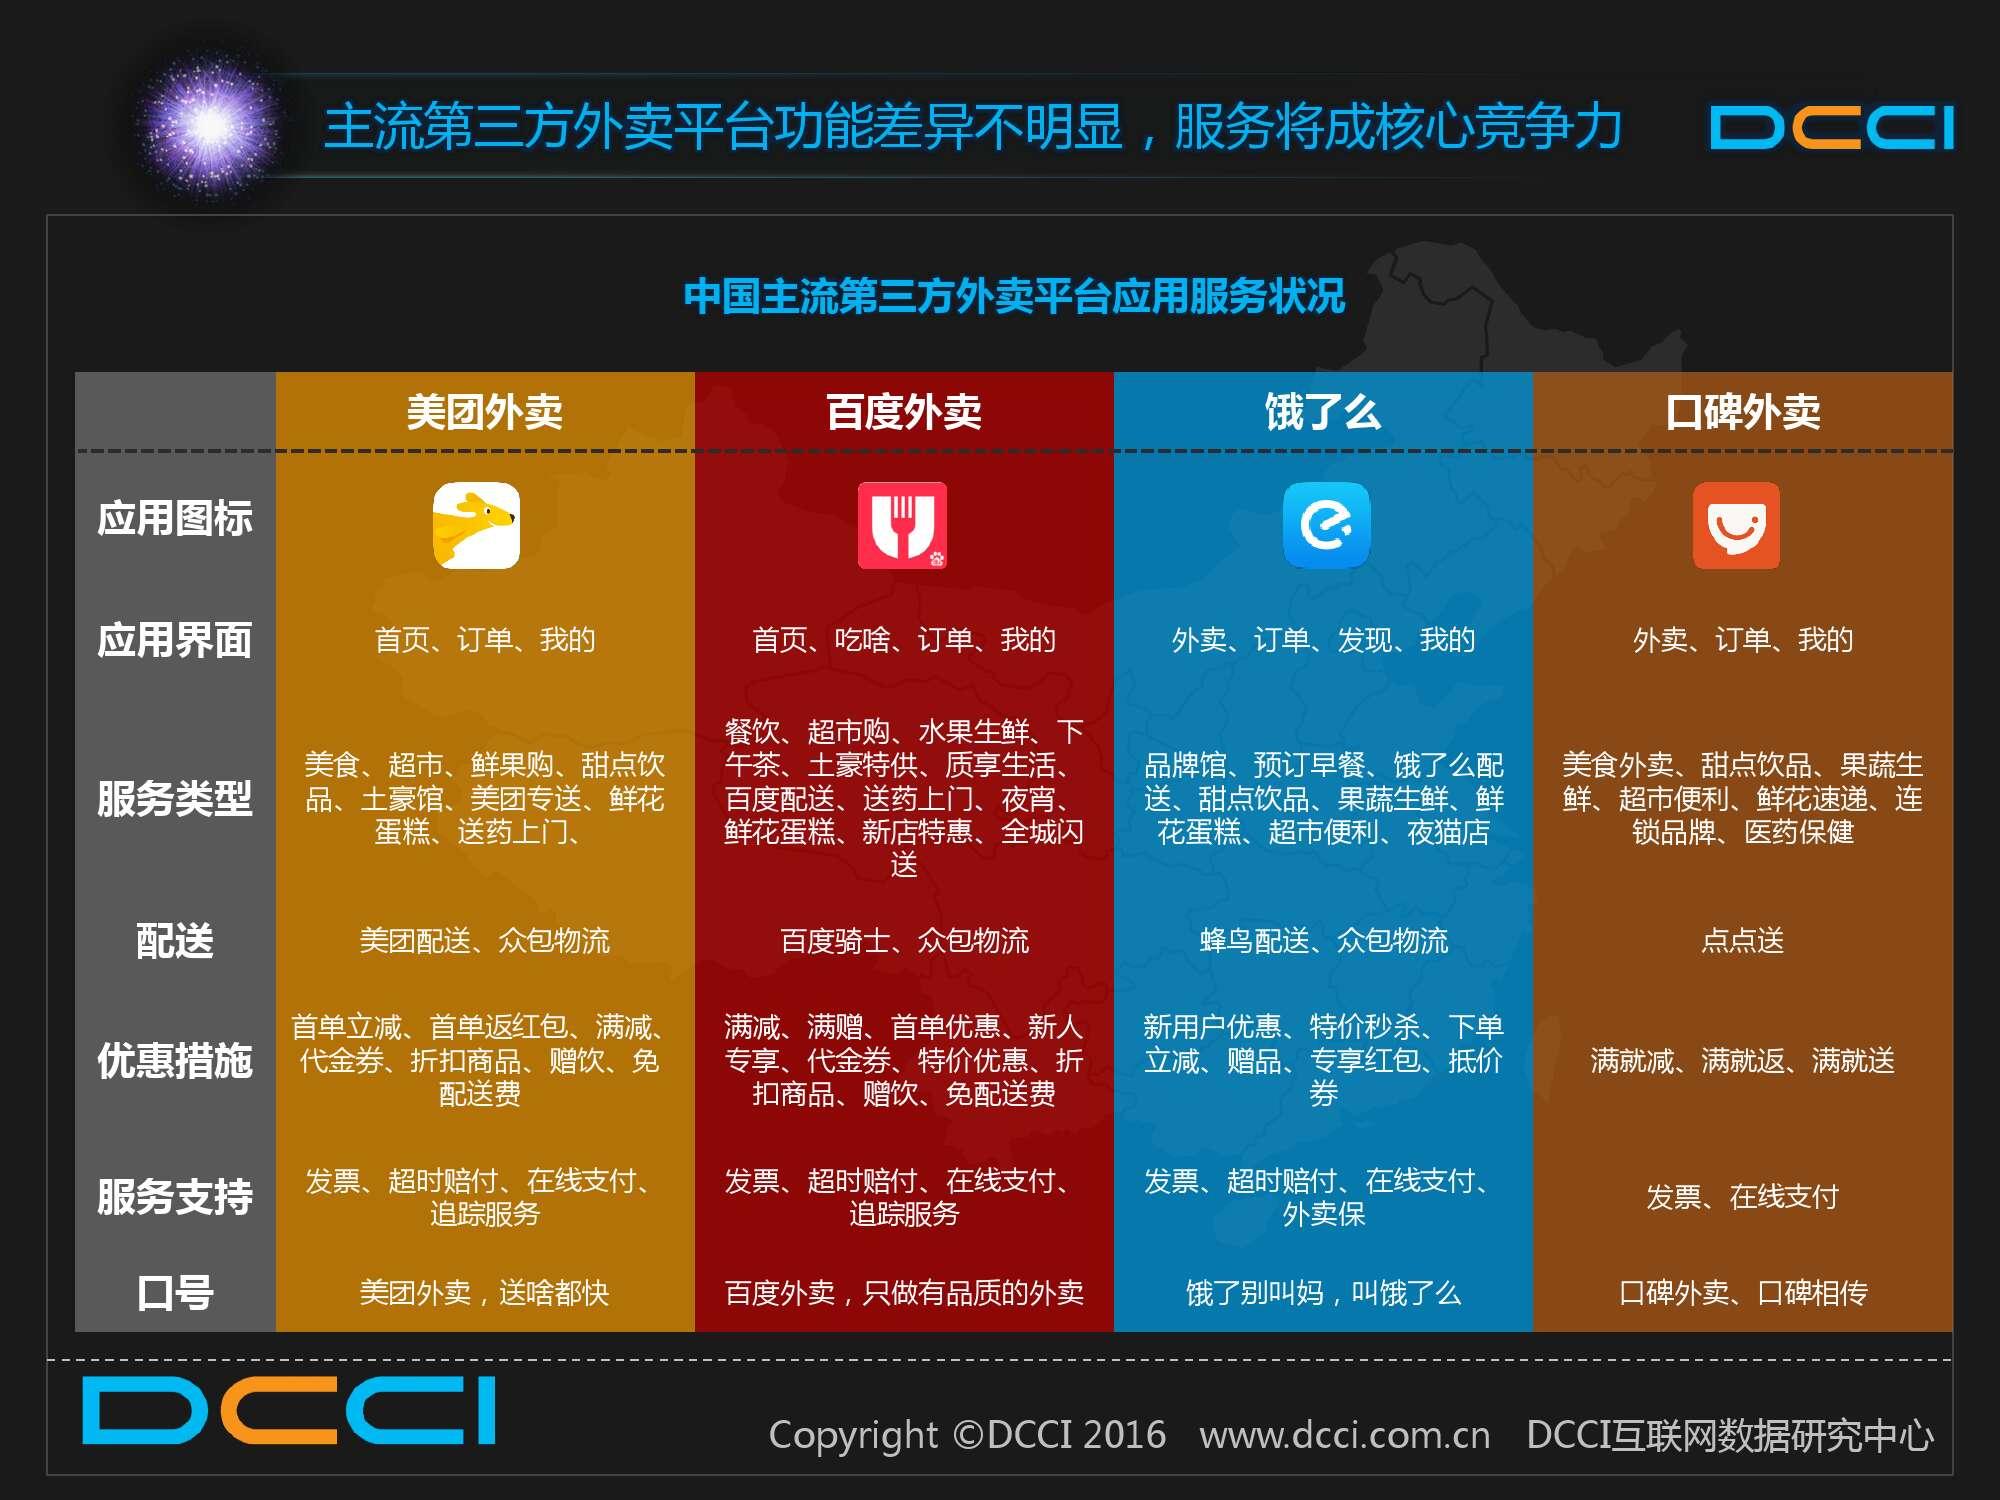 2015中国白领人群网络外卖服务研究报告_000012